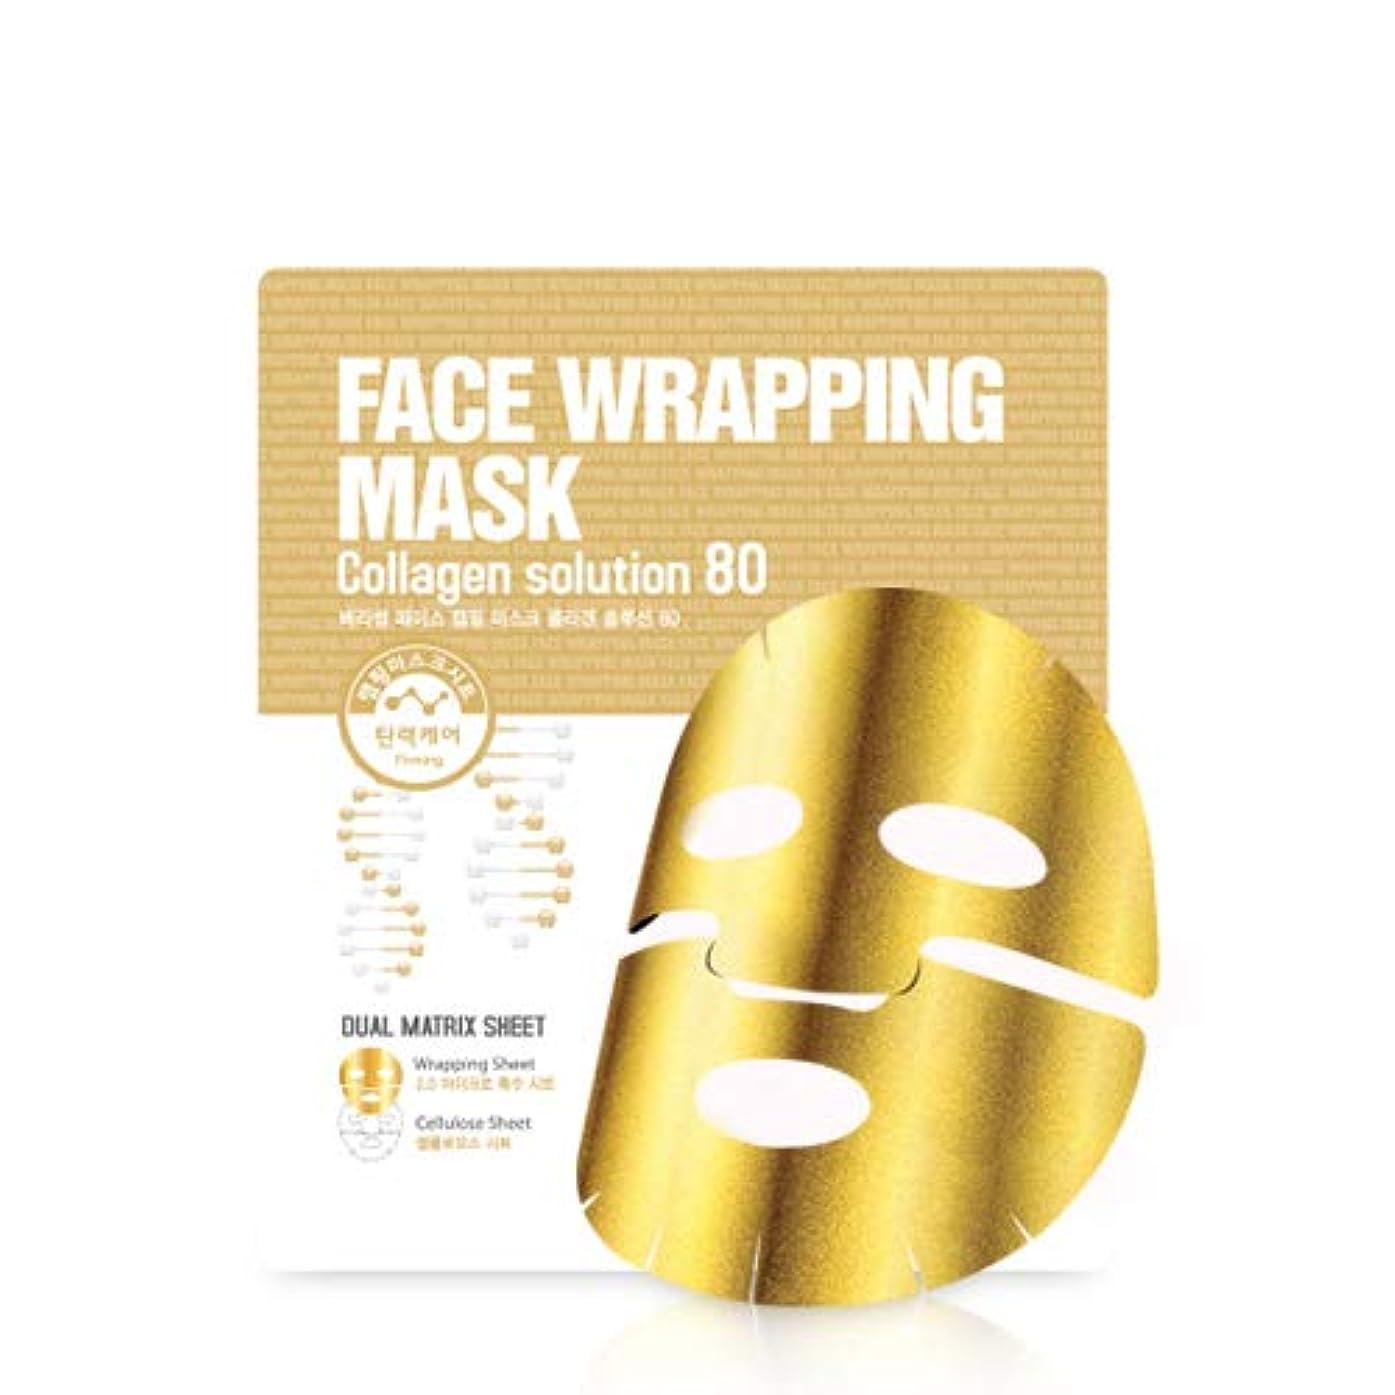 ベリソム[Berrisom] フェイスラッピングマスクコラーゲンソリューション80 / しわ防止、引き締め Wrapping Mask Collagen 27gx5P